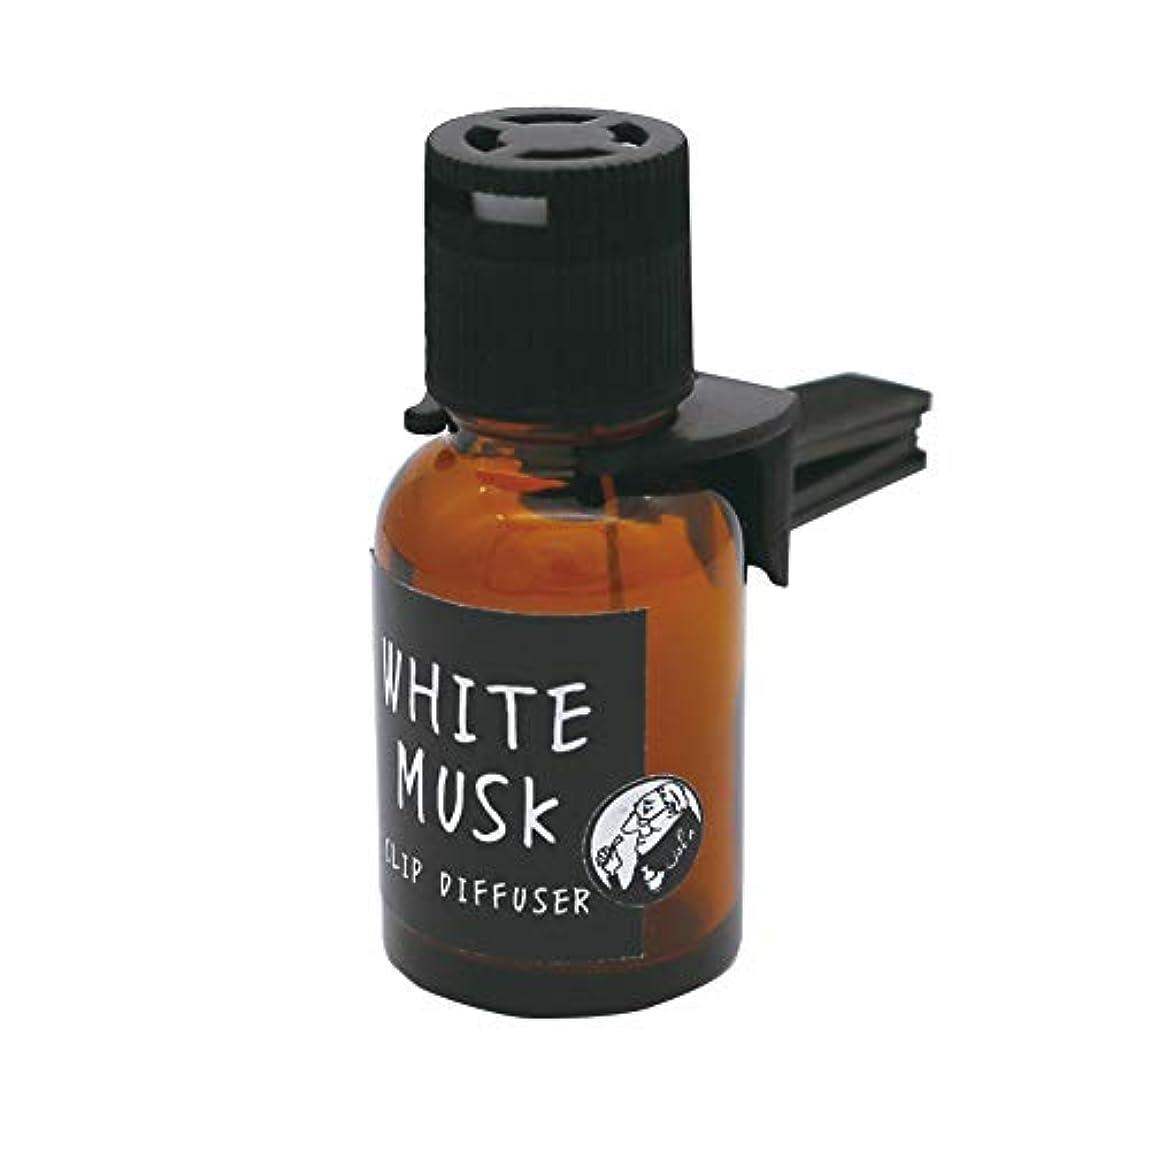 開発浪費同種のノルコーポレーション John's Blend 車用芳香剤 クリップディフューザー OA-JON-20-1 ホワイトムスクの香り 18ml